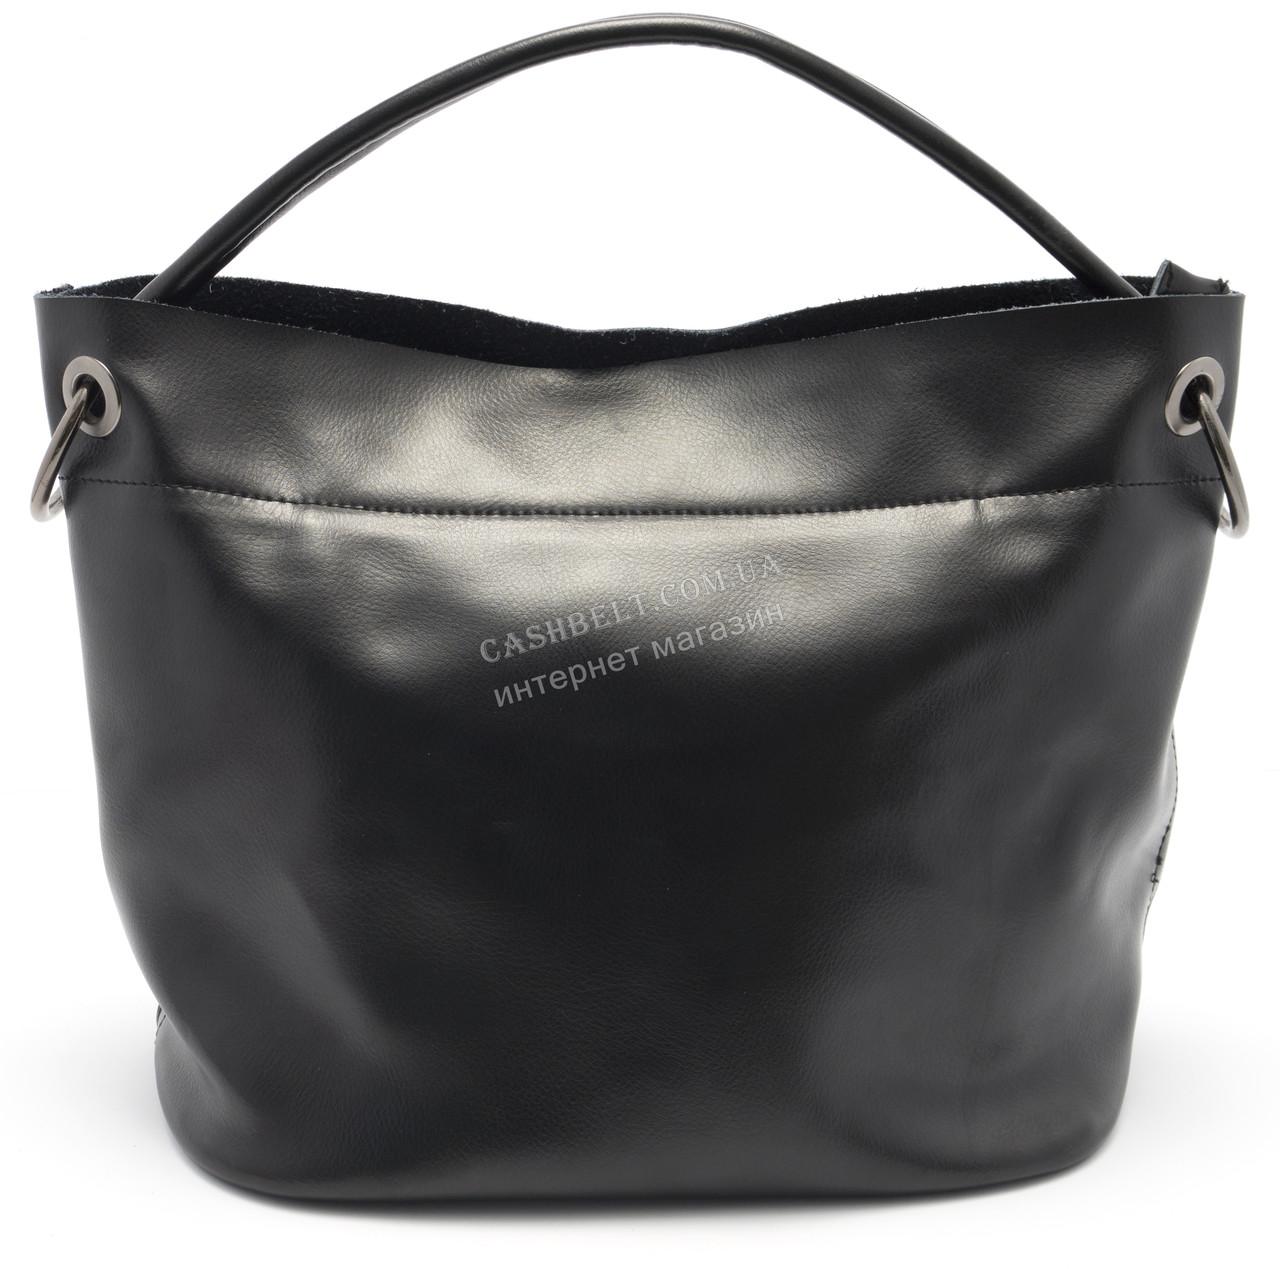 5165ccc23957 Стильная кожаная черная женская сумка SOLANA art. 99821 : продажа ...